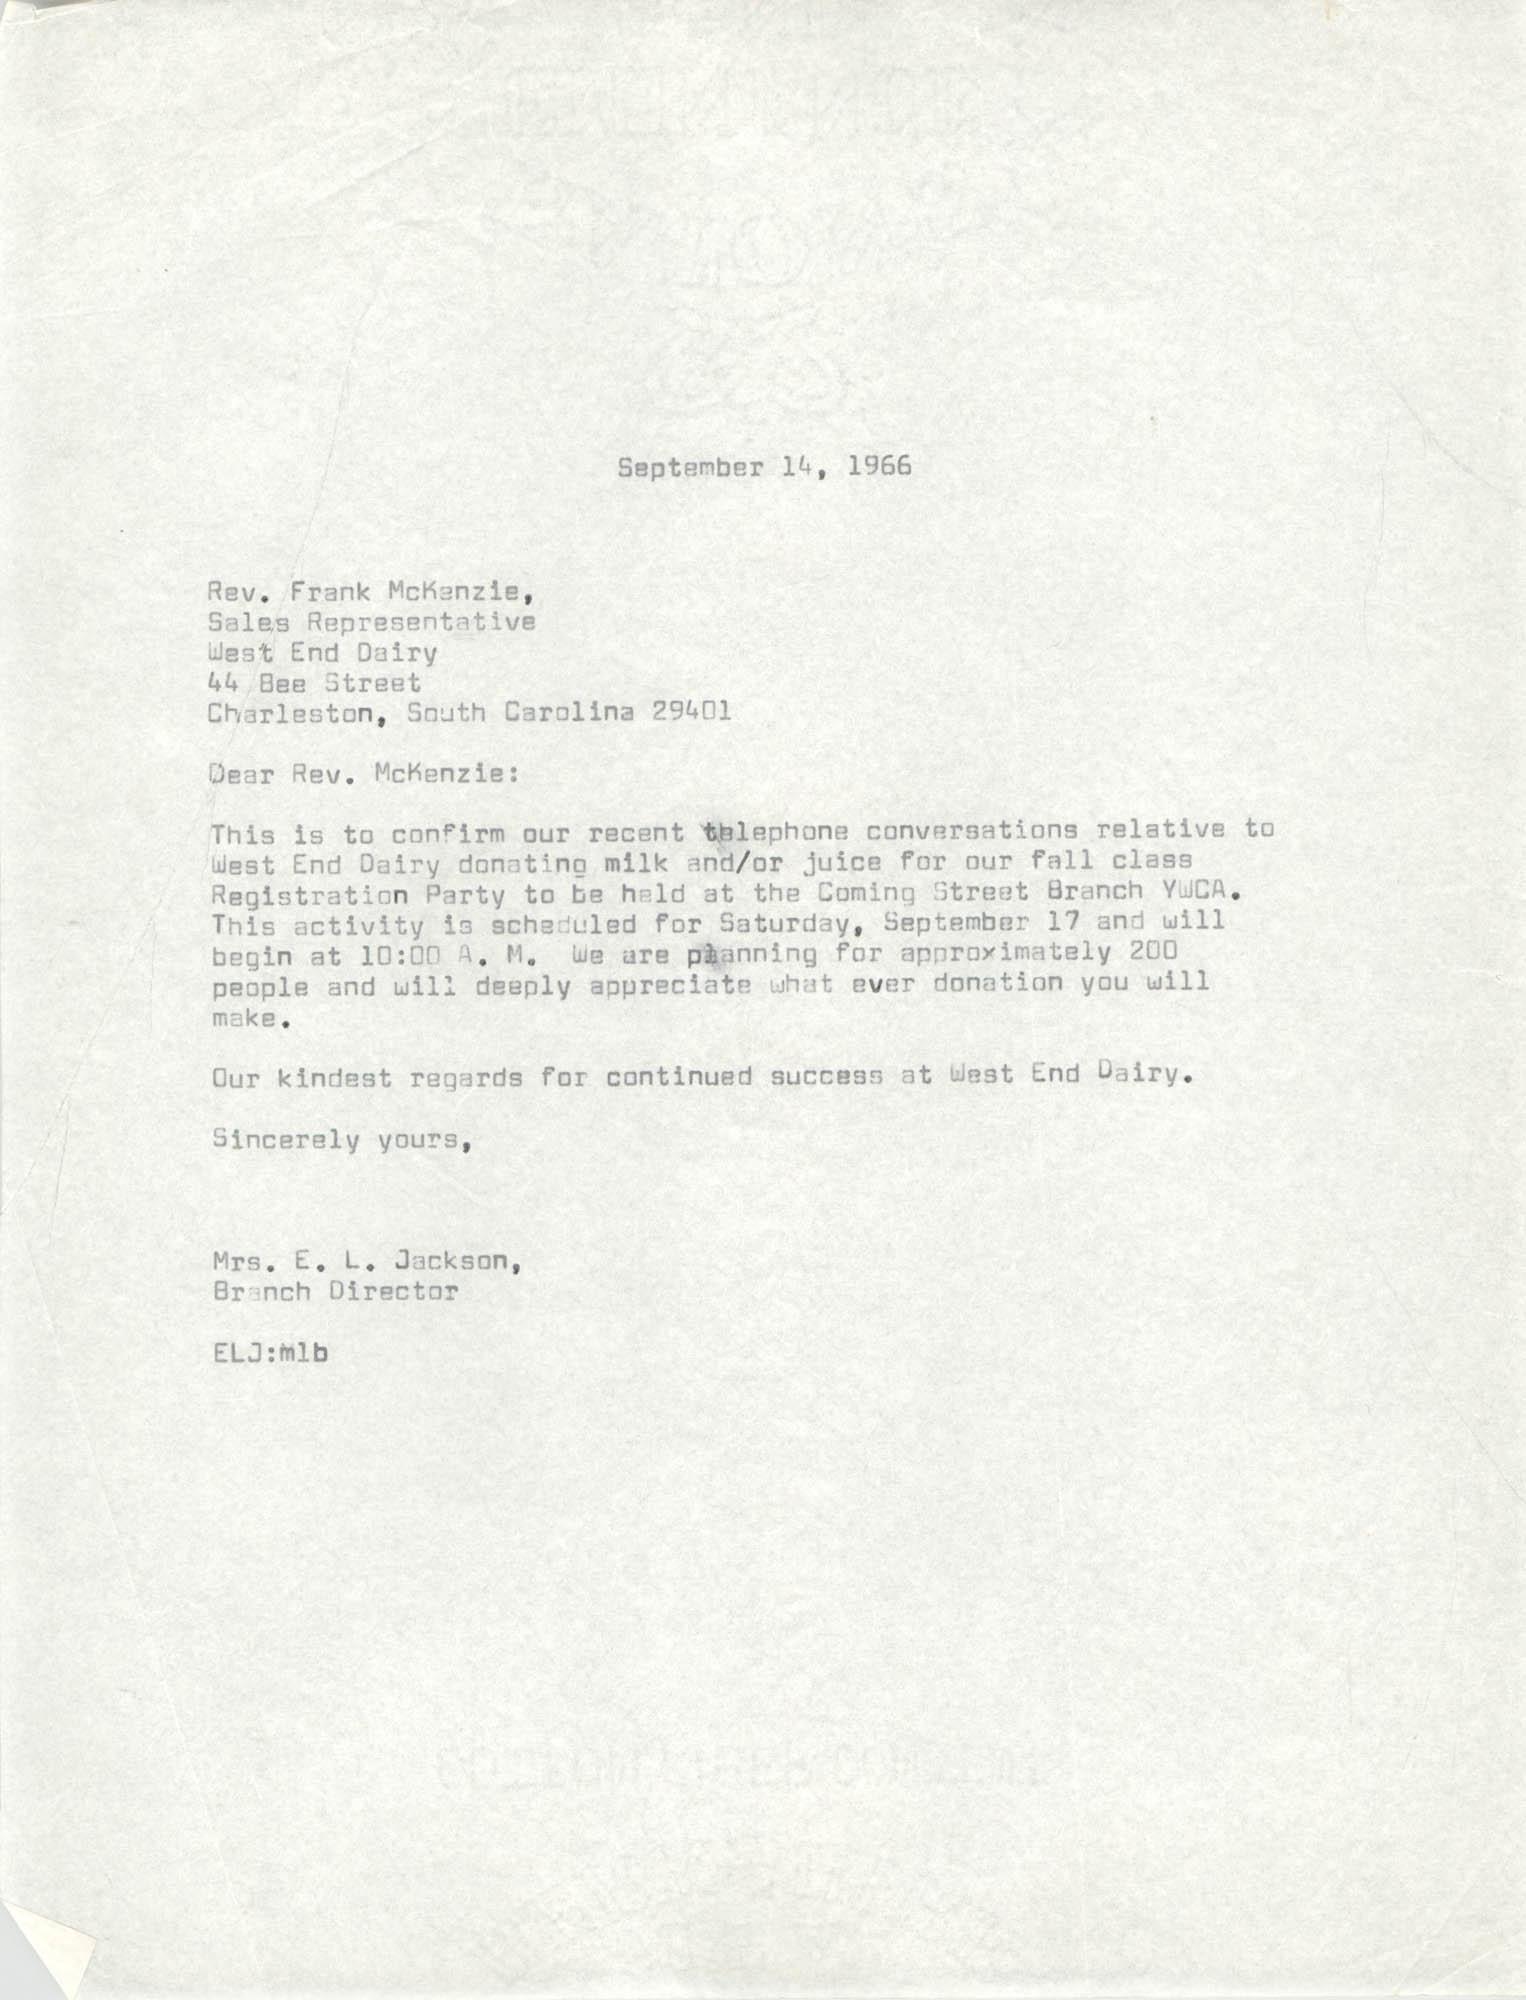 Letter from Christine O. Jackson, September 14, 1966